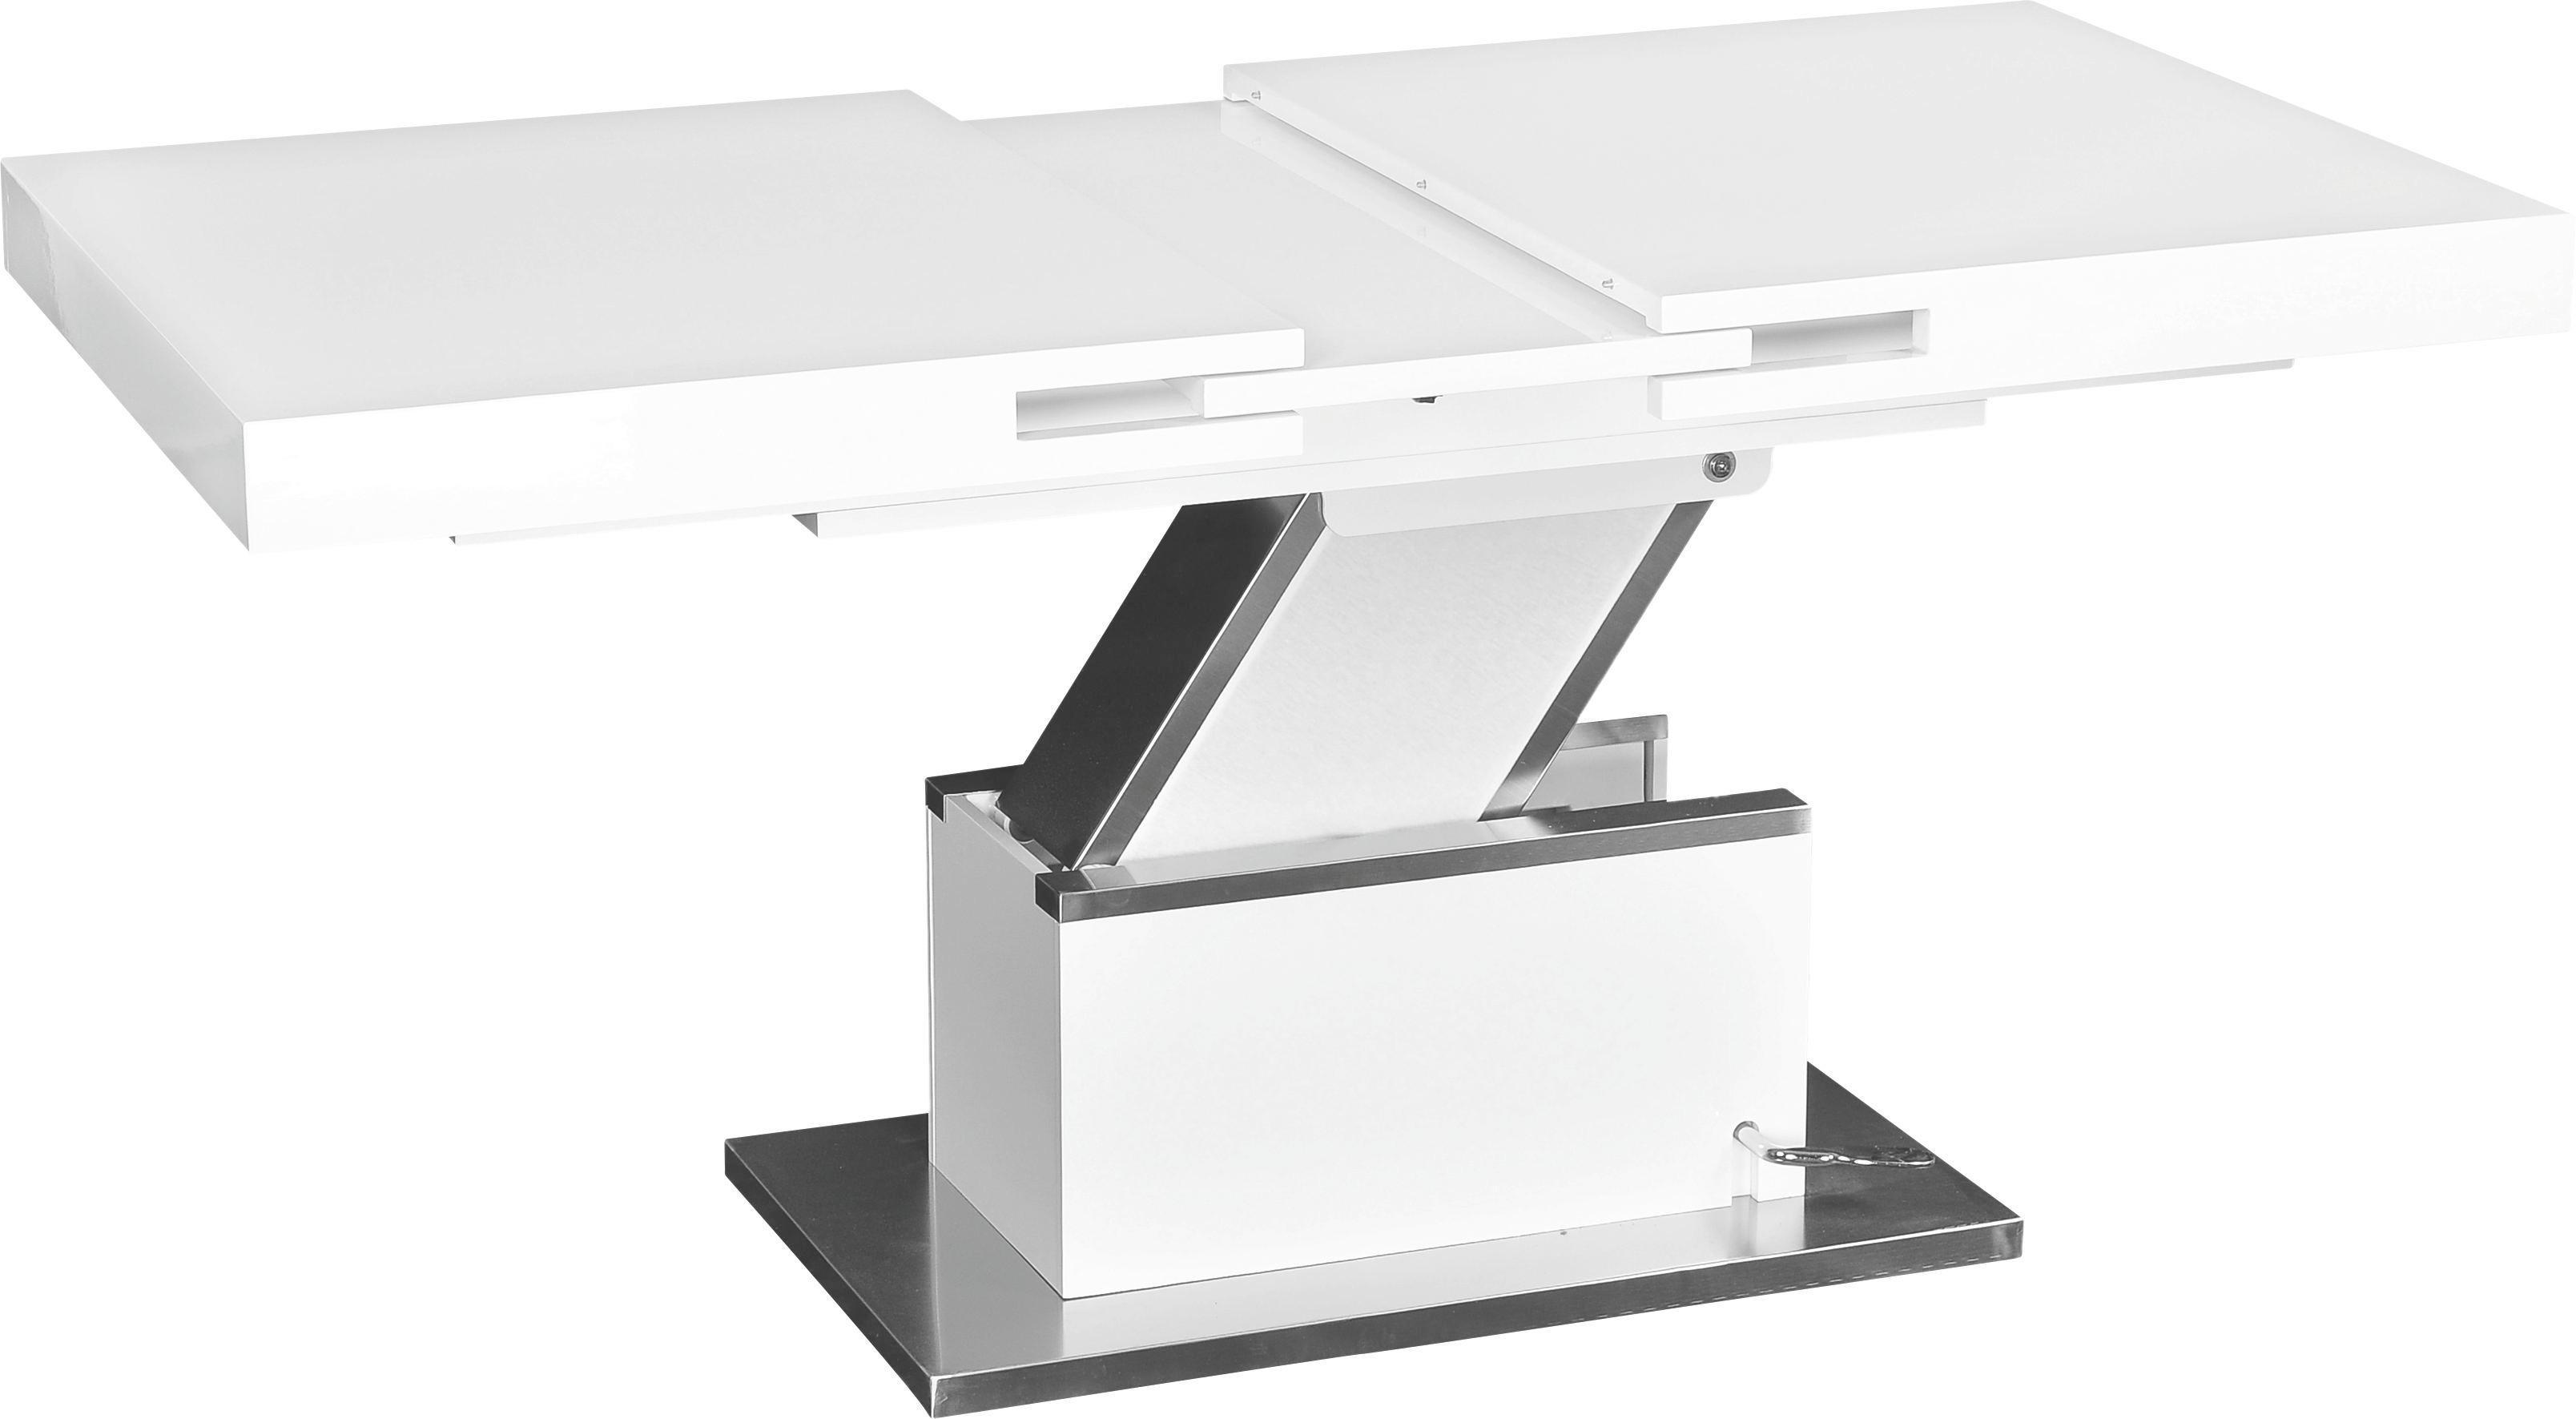 Couchtisch Weiß Hochglanz - Edelstahlfarben/Weiß, MODERN, Holzwerkstoff/Metall (133/170/47,5/75/80cm) - PREMIUM LIVING